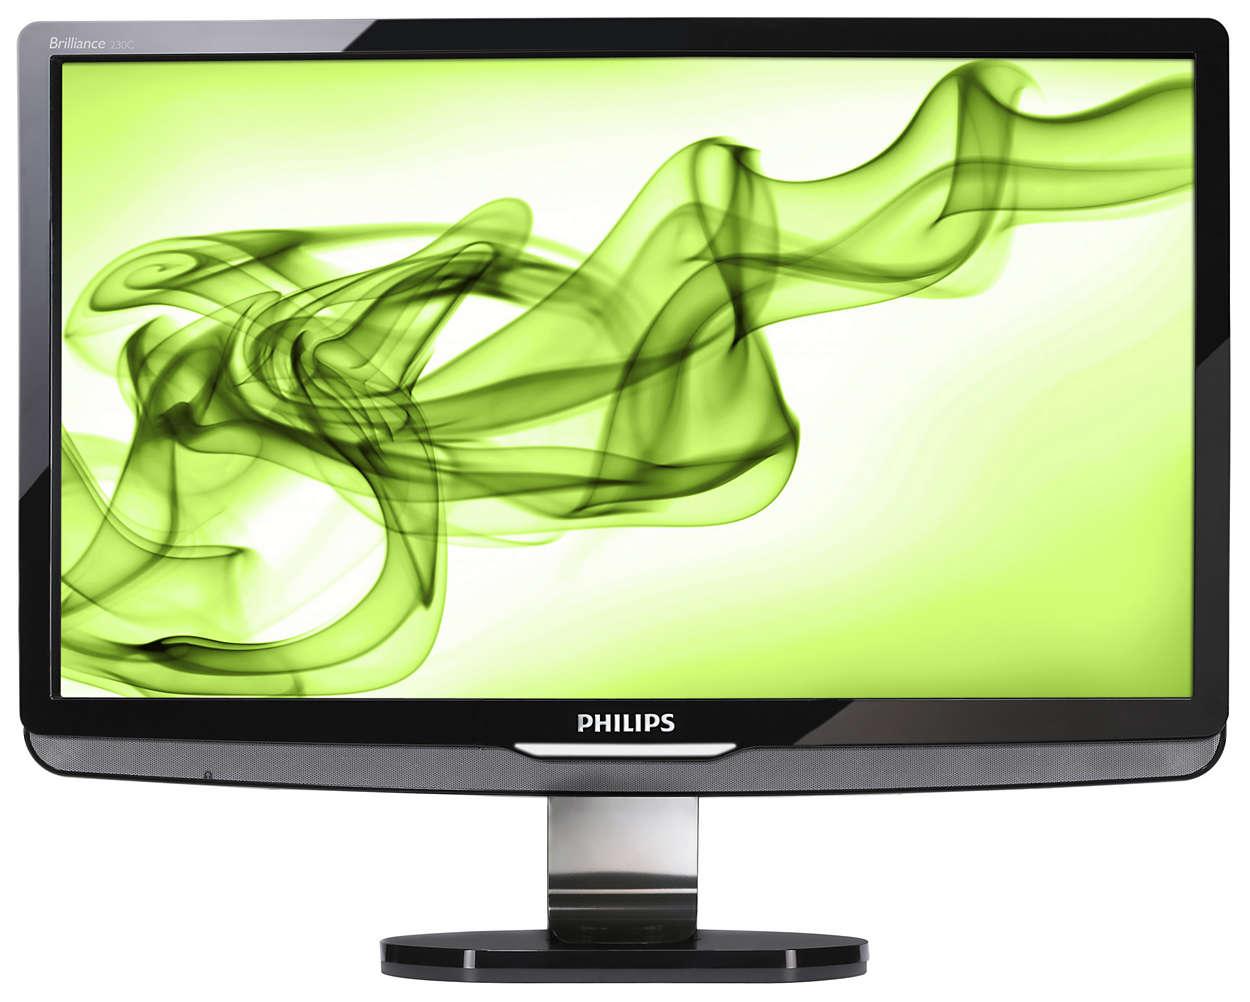 極致 HDMI 液晶螢幕,提供 Full-HD 多媒體享受